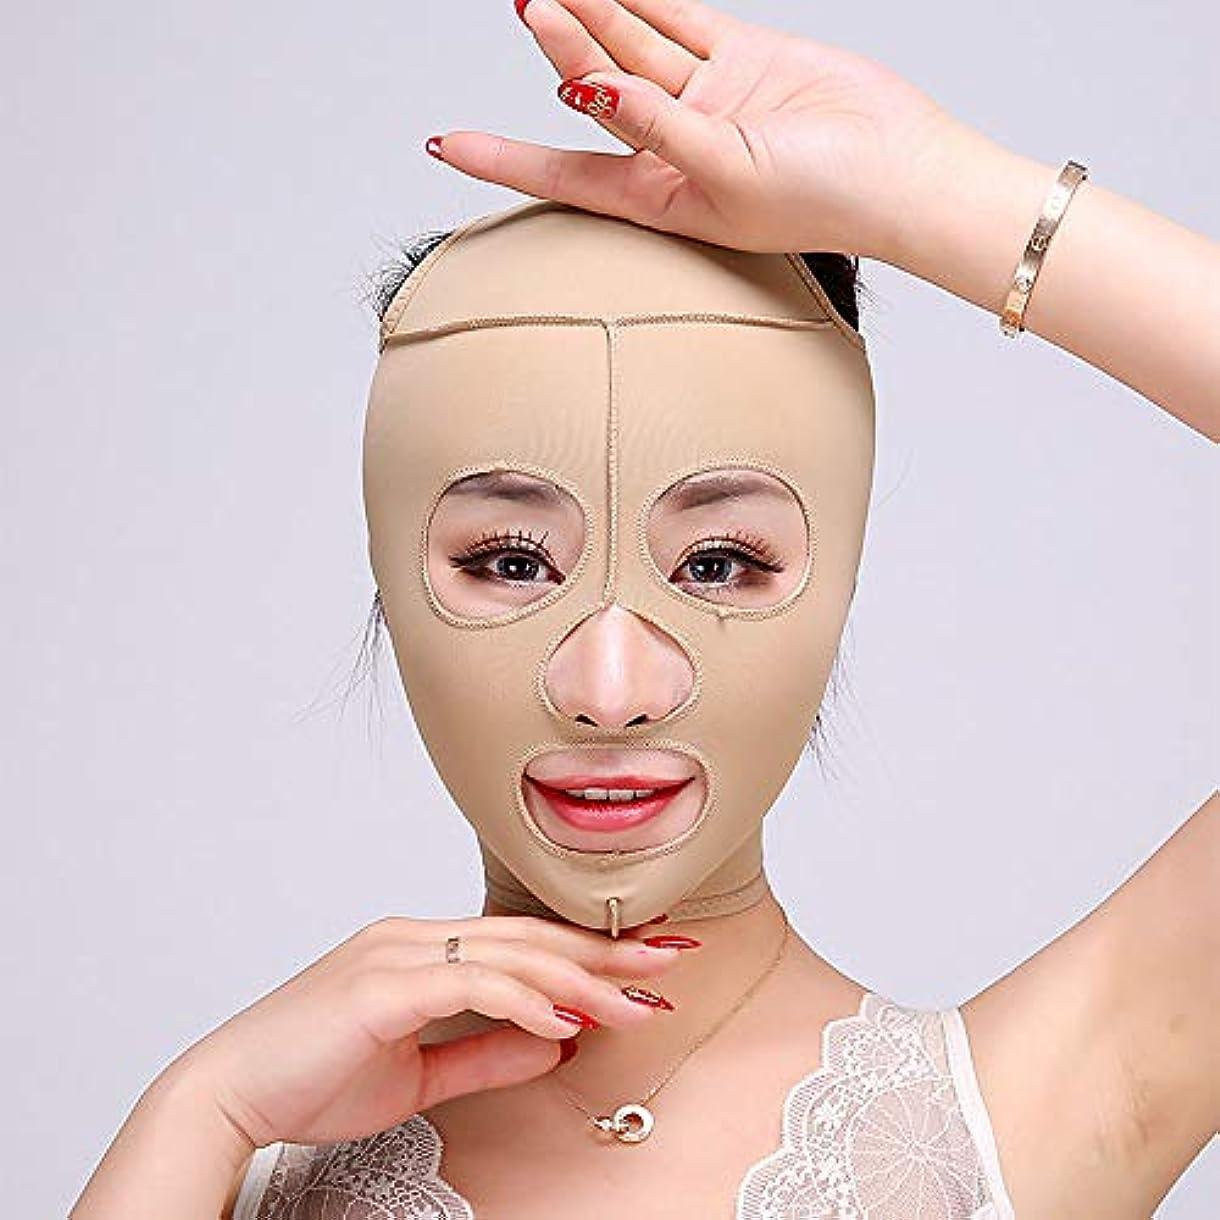 のホストそのミル肌に優しい睡眠薄いフェイス包帯、小さなVフェイス包帯/フェイスマスク/リフティングフェイス引き締め改装二重あご(カラー)